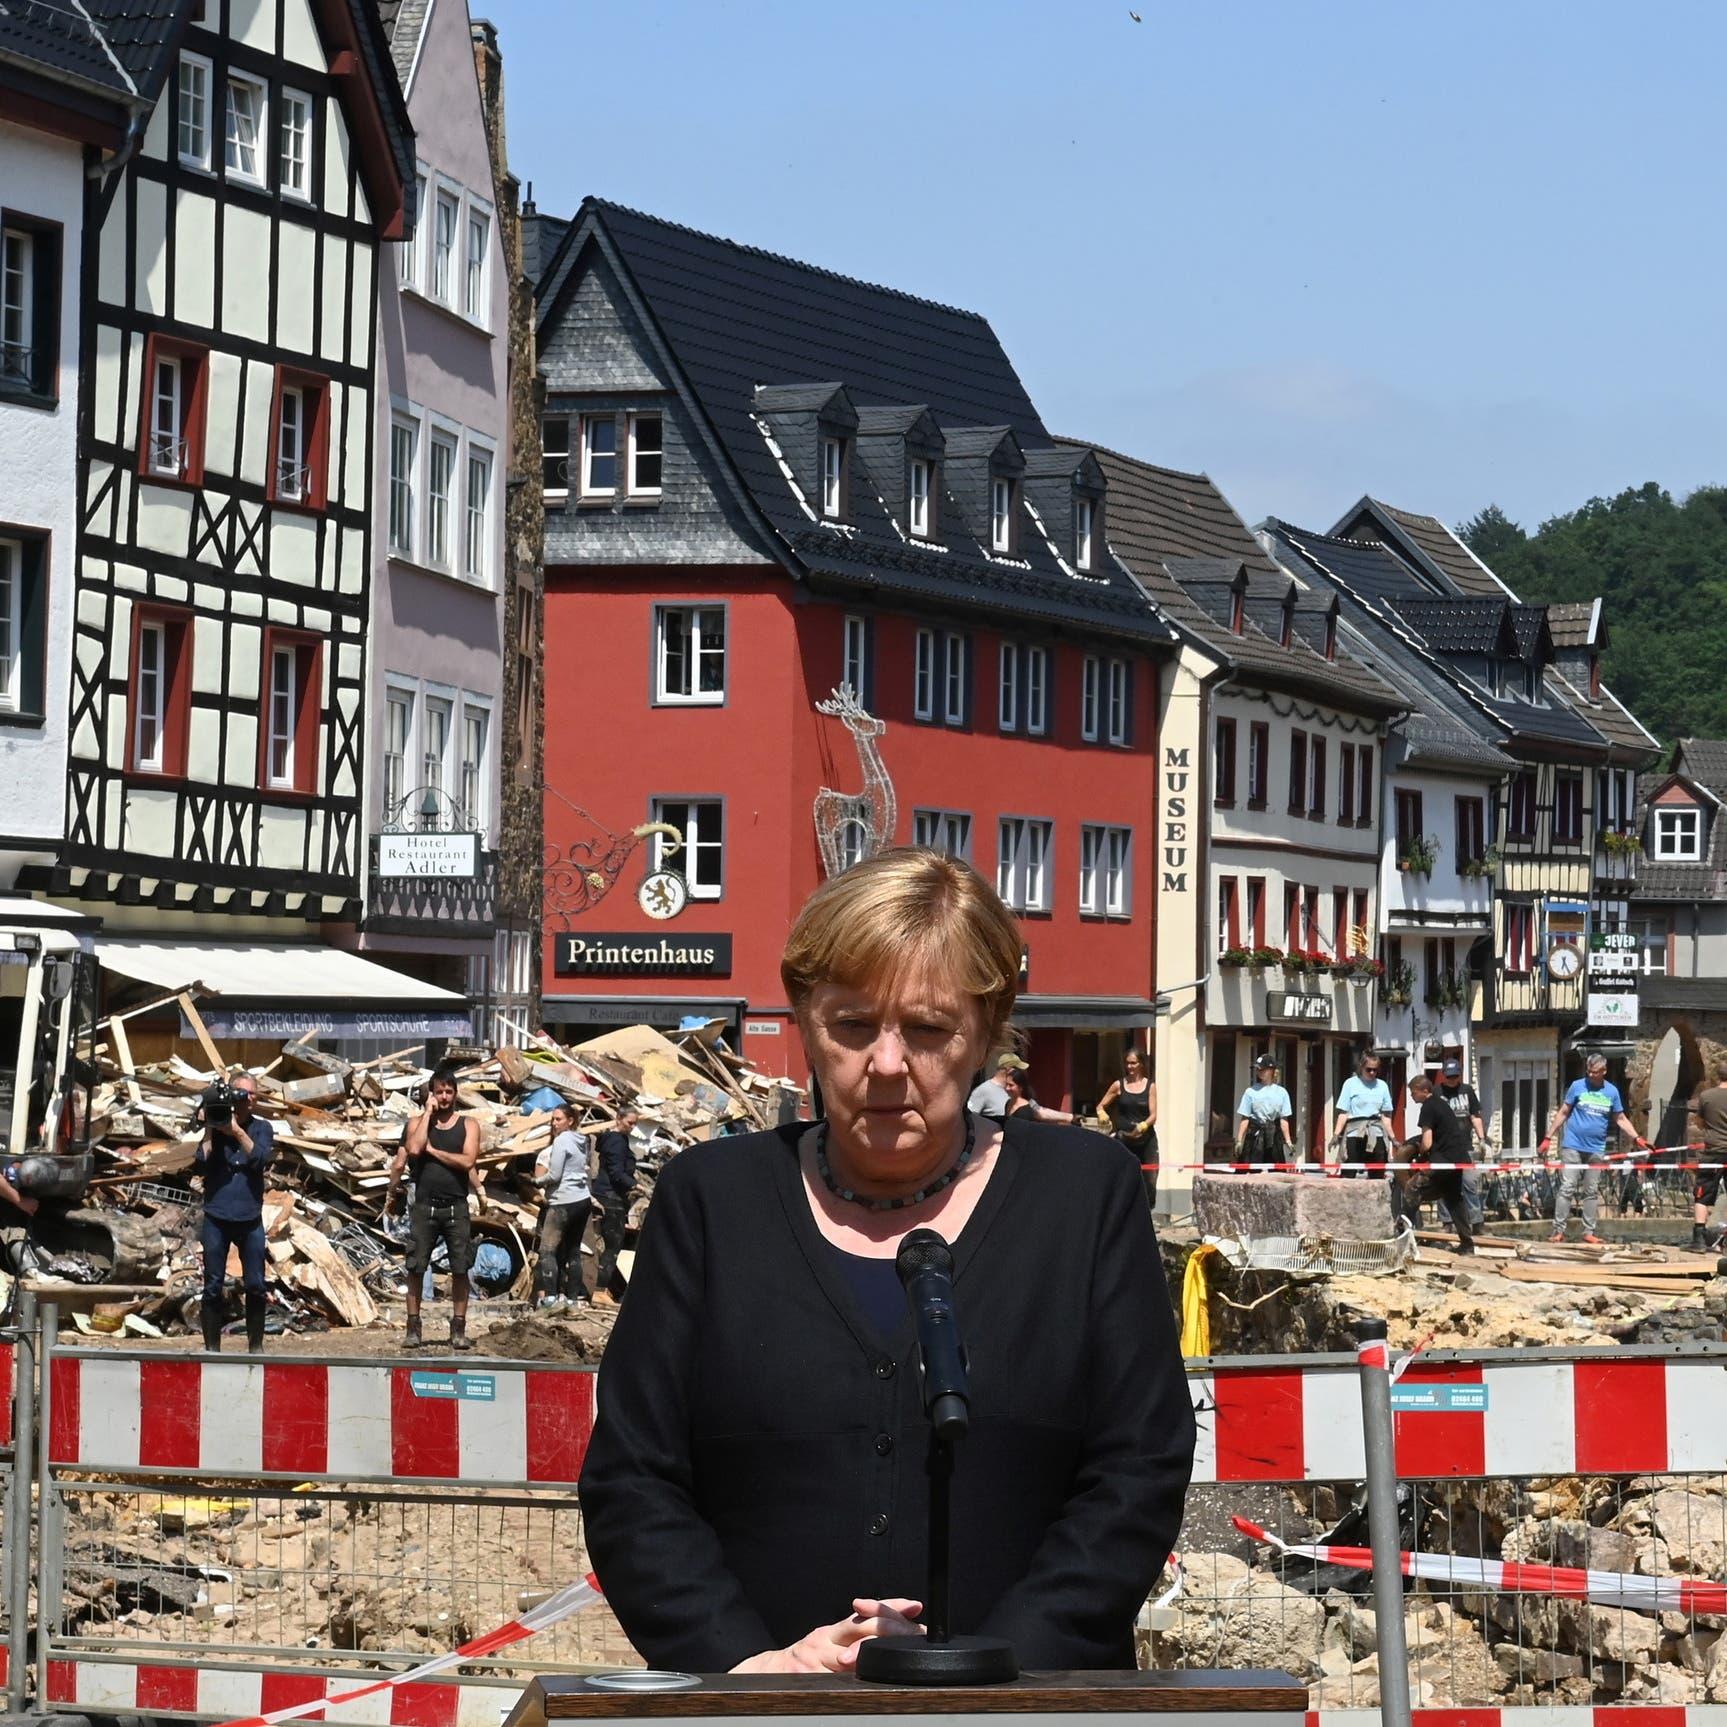 """دمار الفيضانات """"يحاصر"""" الحكومة الألمانية المتهمة بالتقاعس"""